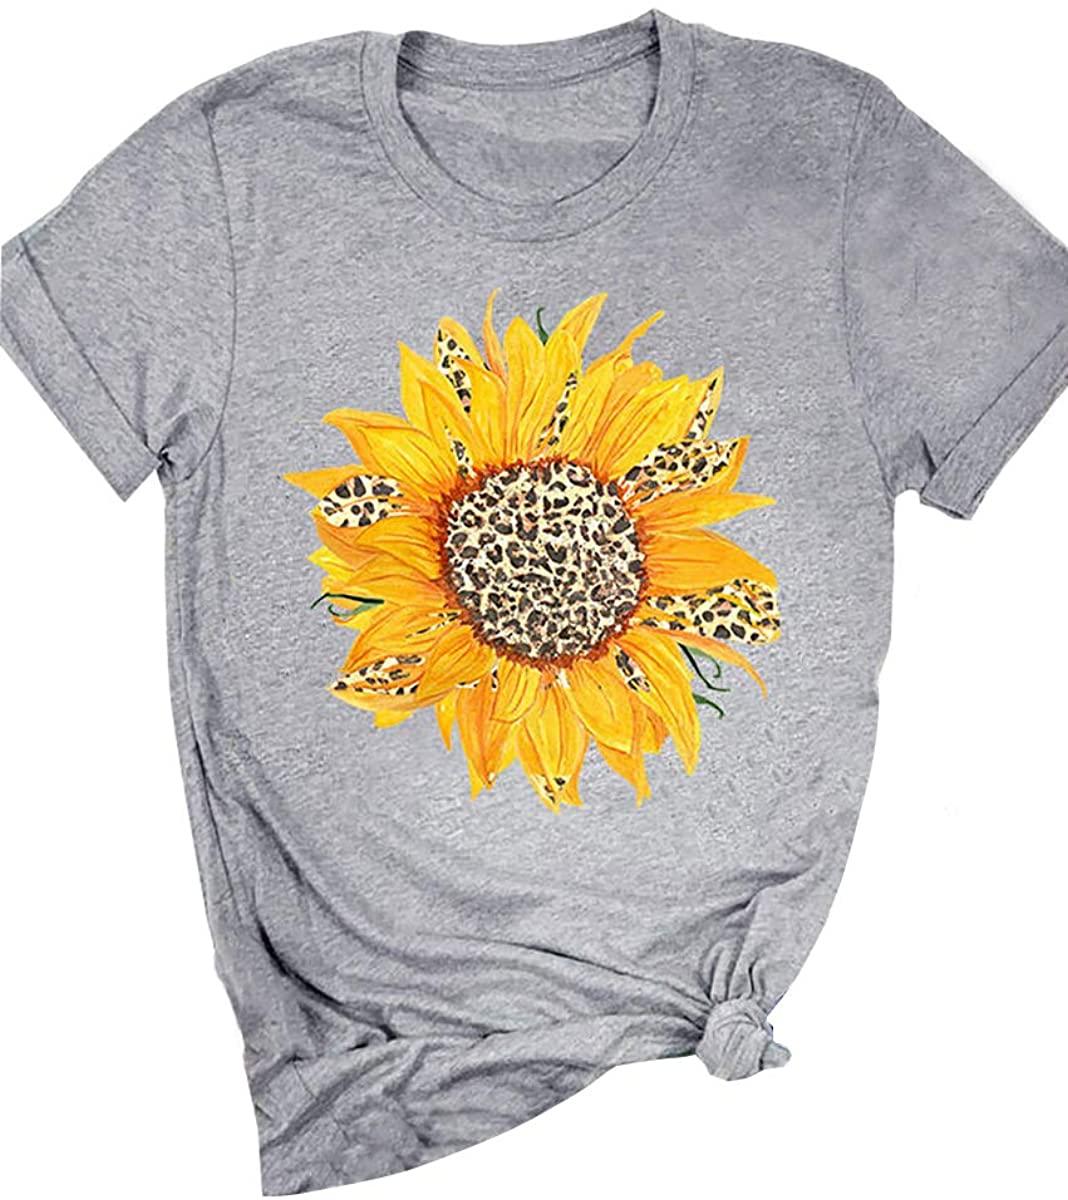 Women Tops Sunflower Sun Leopard Print Cute Graphic Girls Shirt Summer Short Sleeve